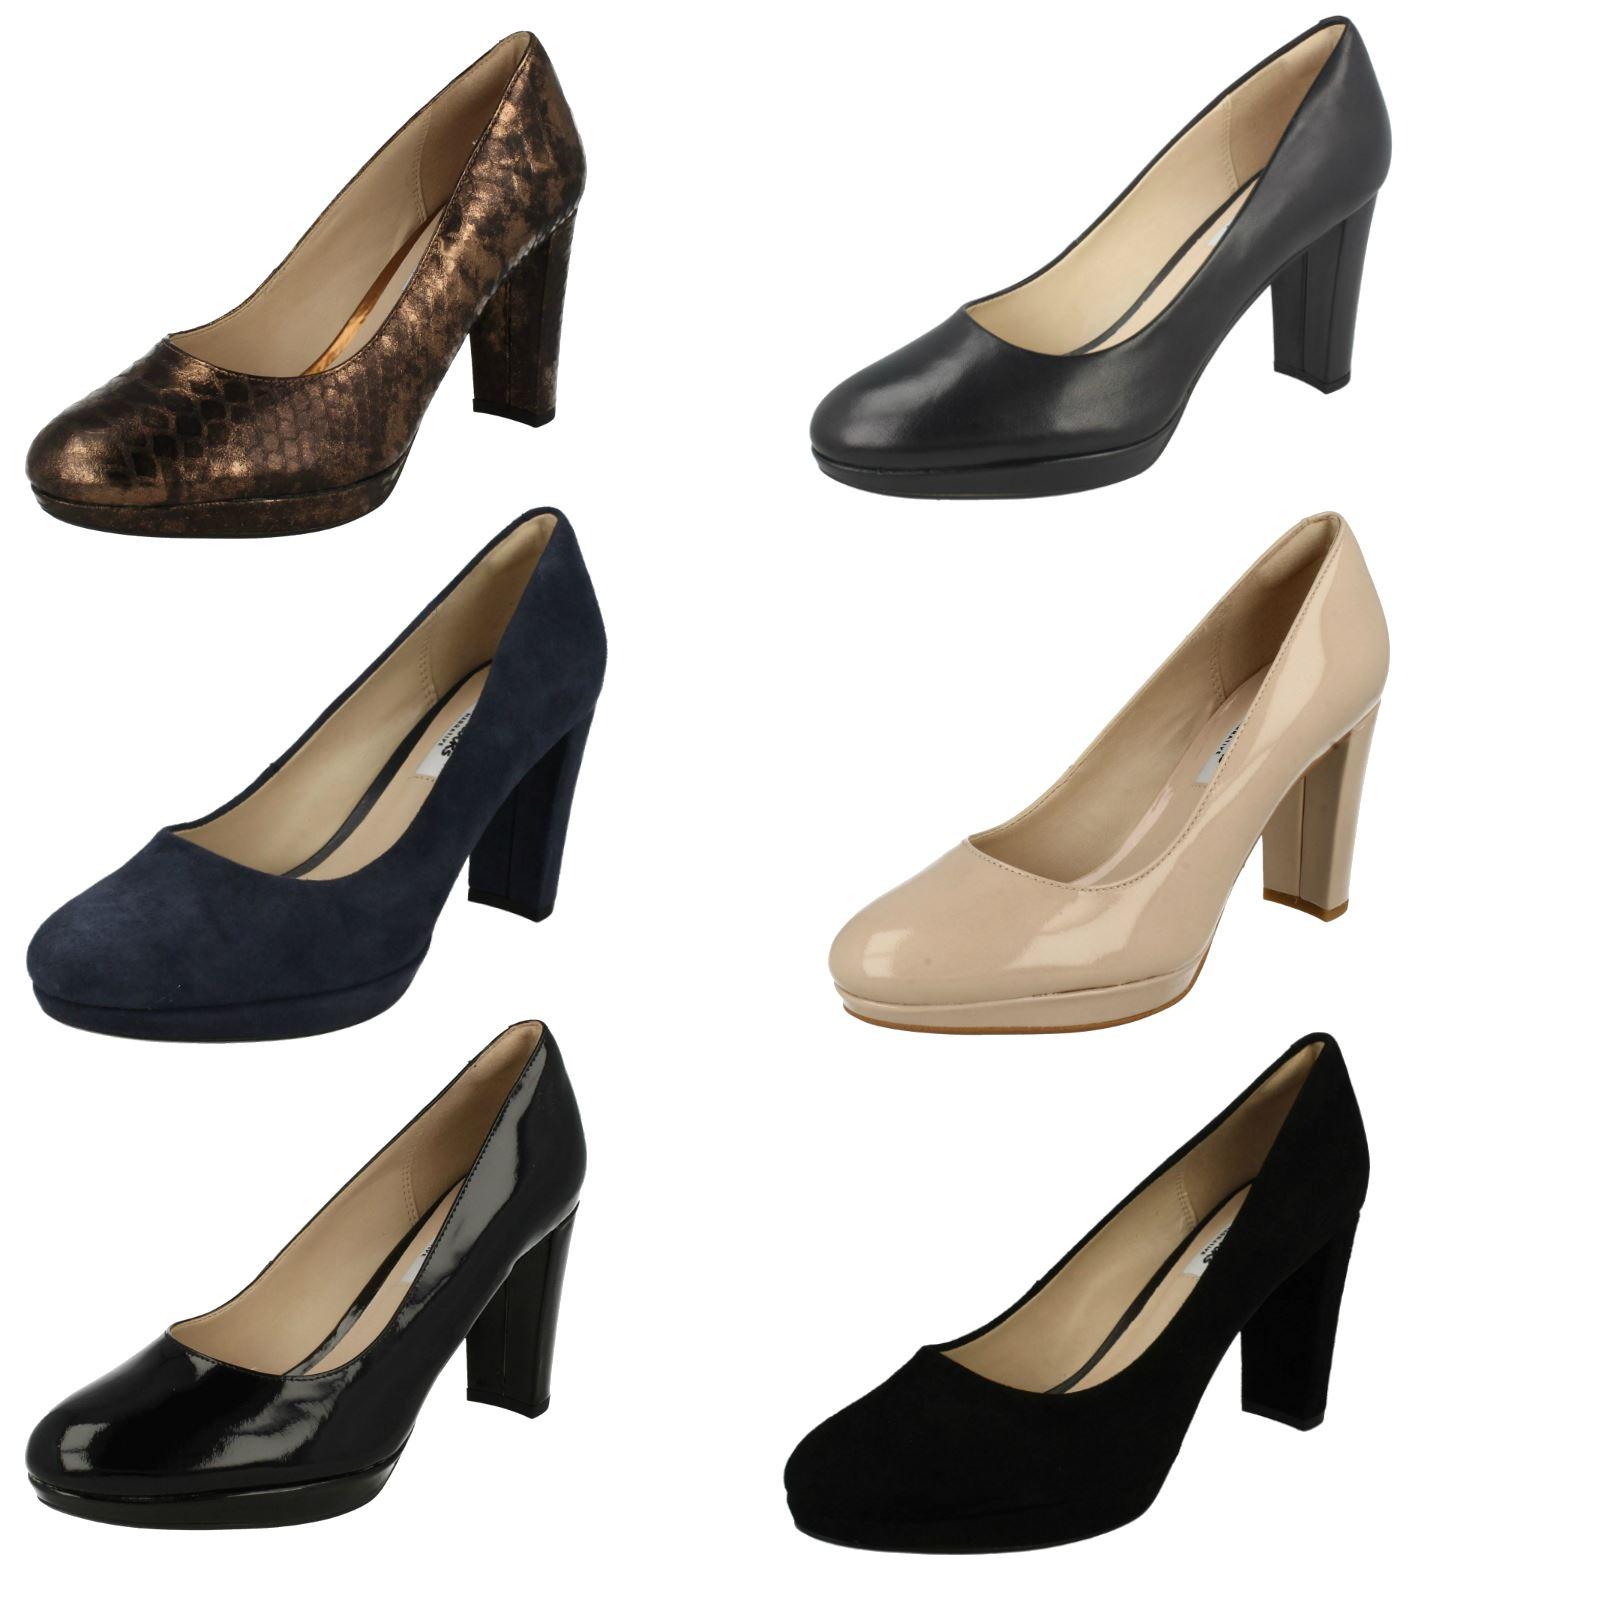 dfa6ff44 Las señoras Clarks deslizan de cuero elegantes de tacón alto moda zapatos  Kendra Sienna